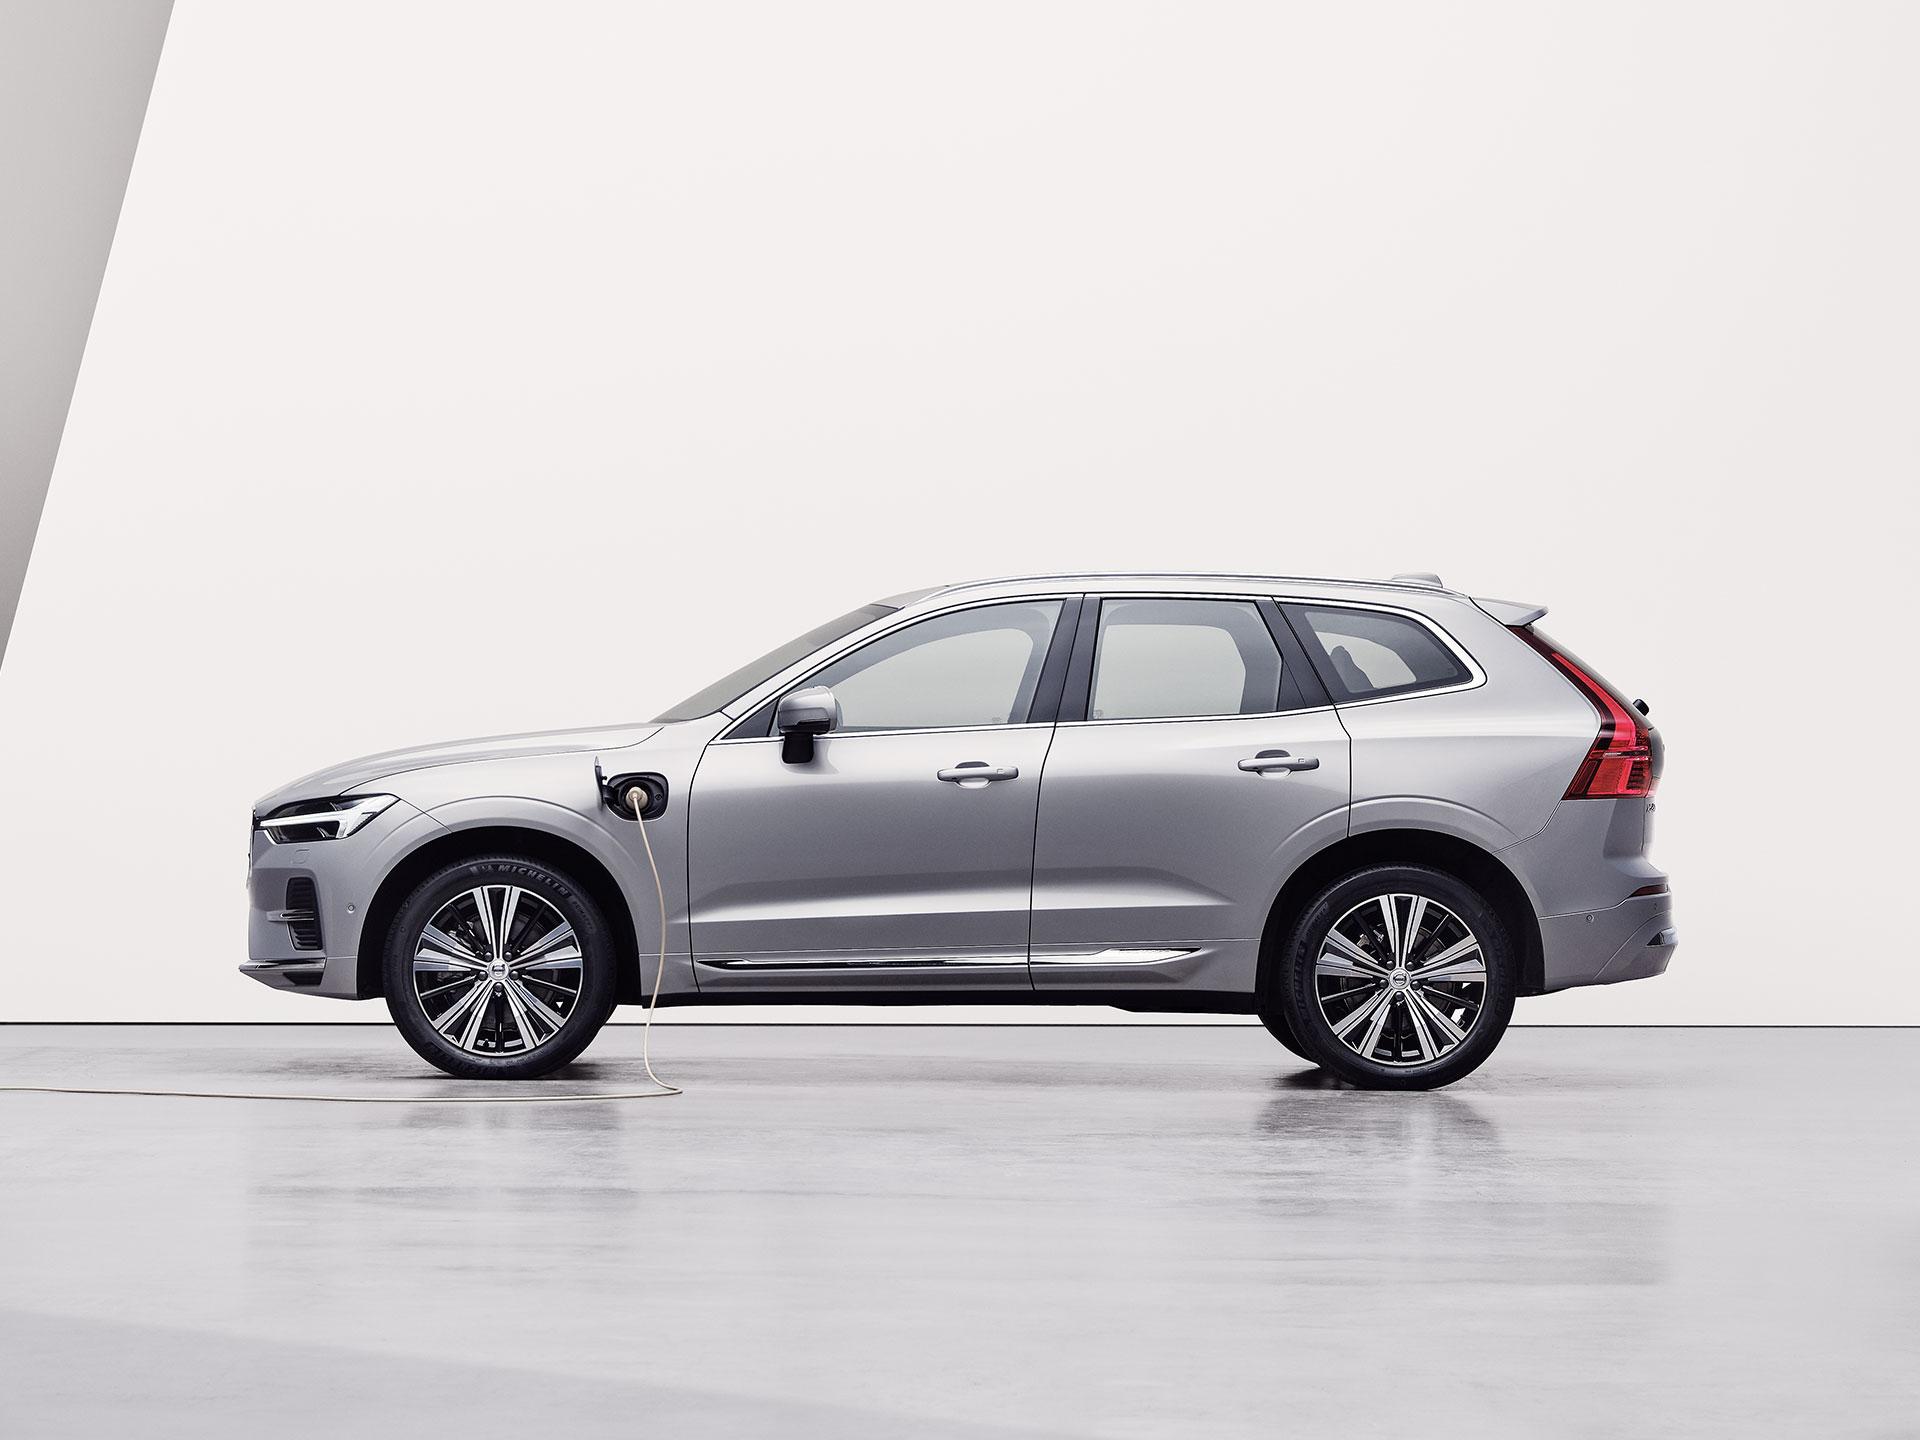 Een zilverkleurige Volvo XC60 Recharge, die wordt opgeladen in een witte omgeving